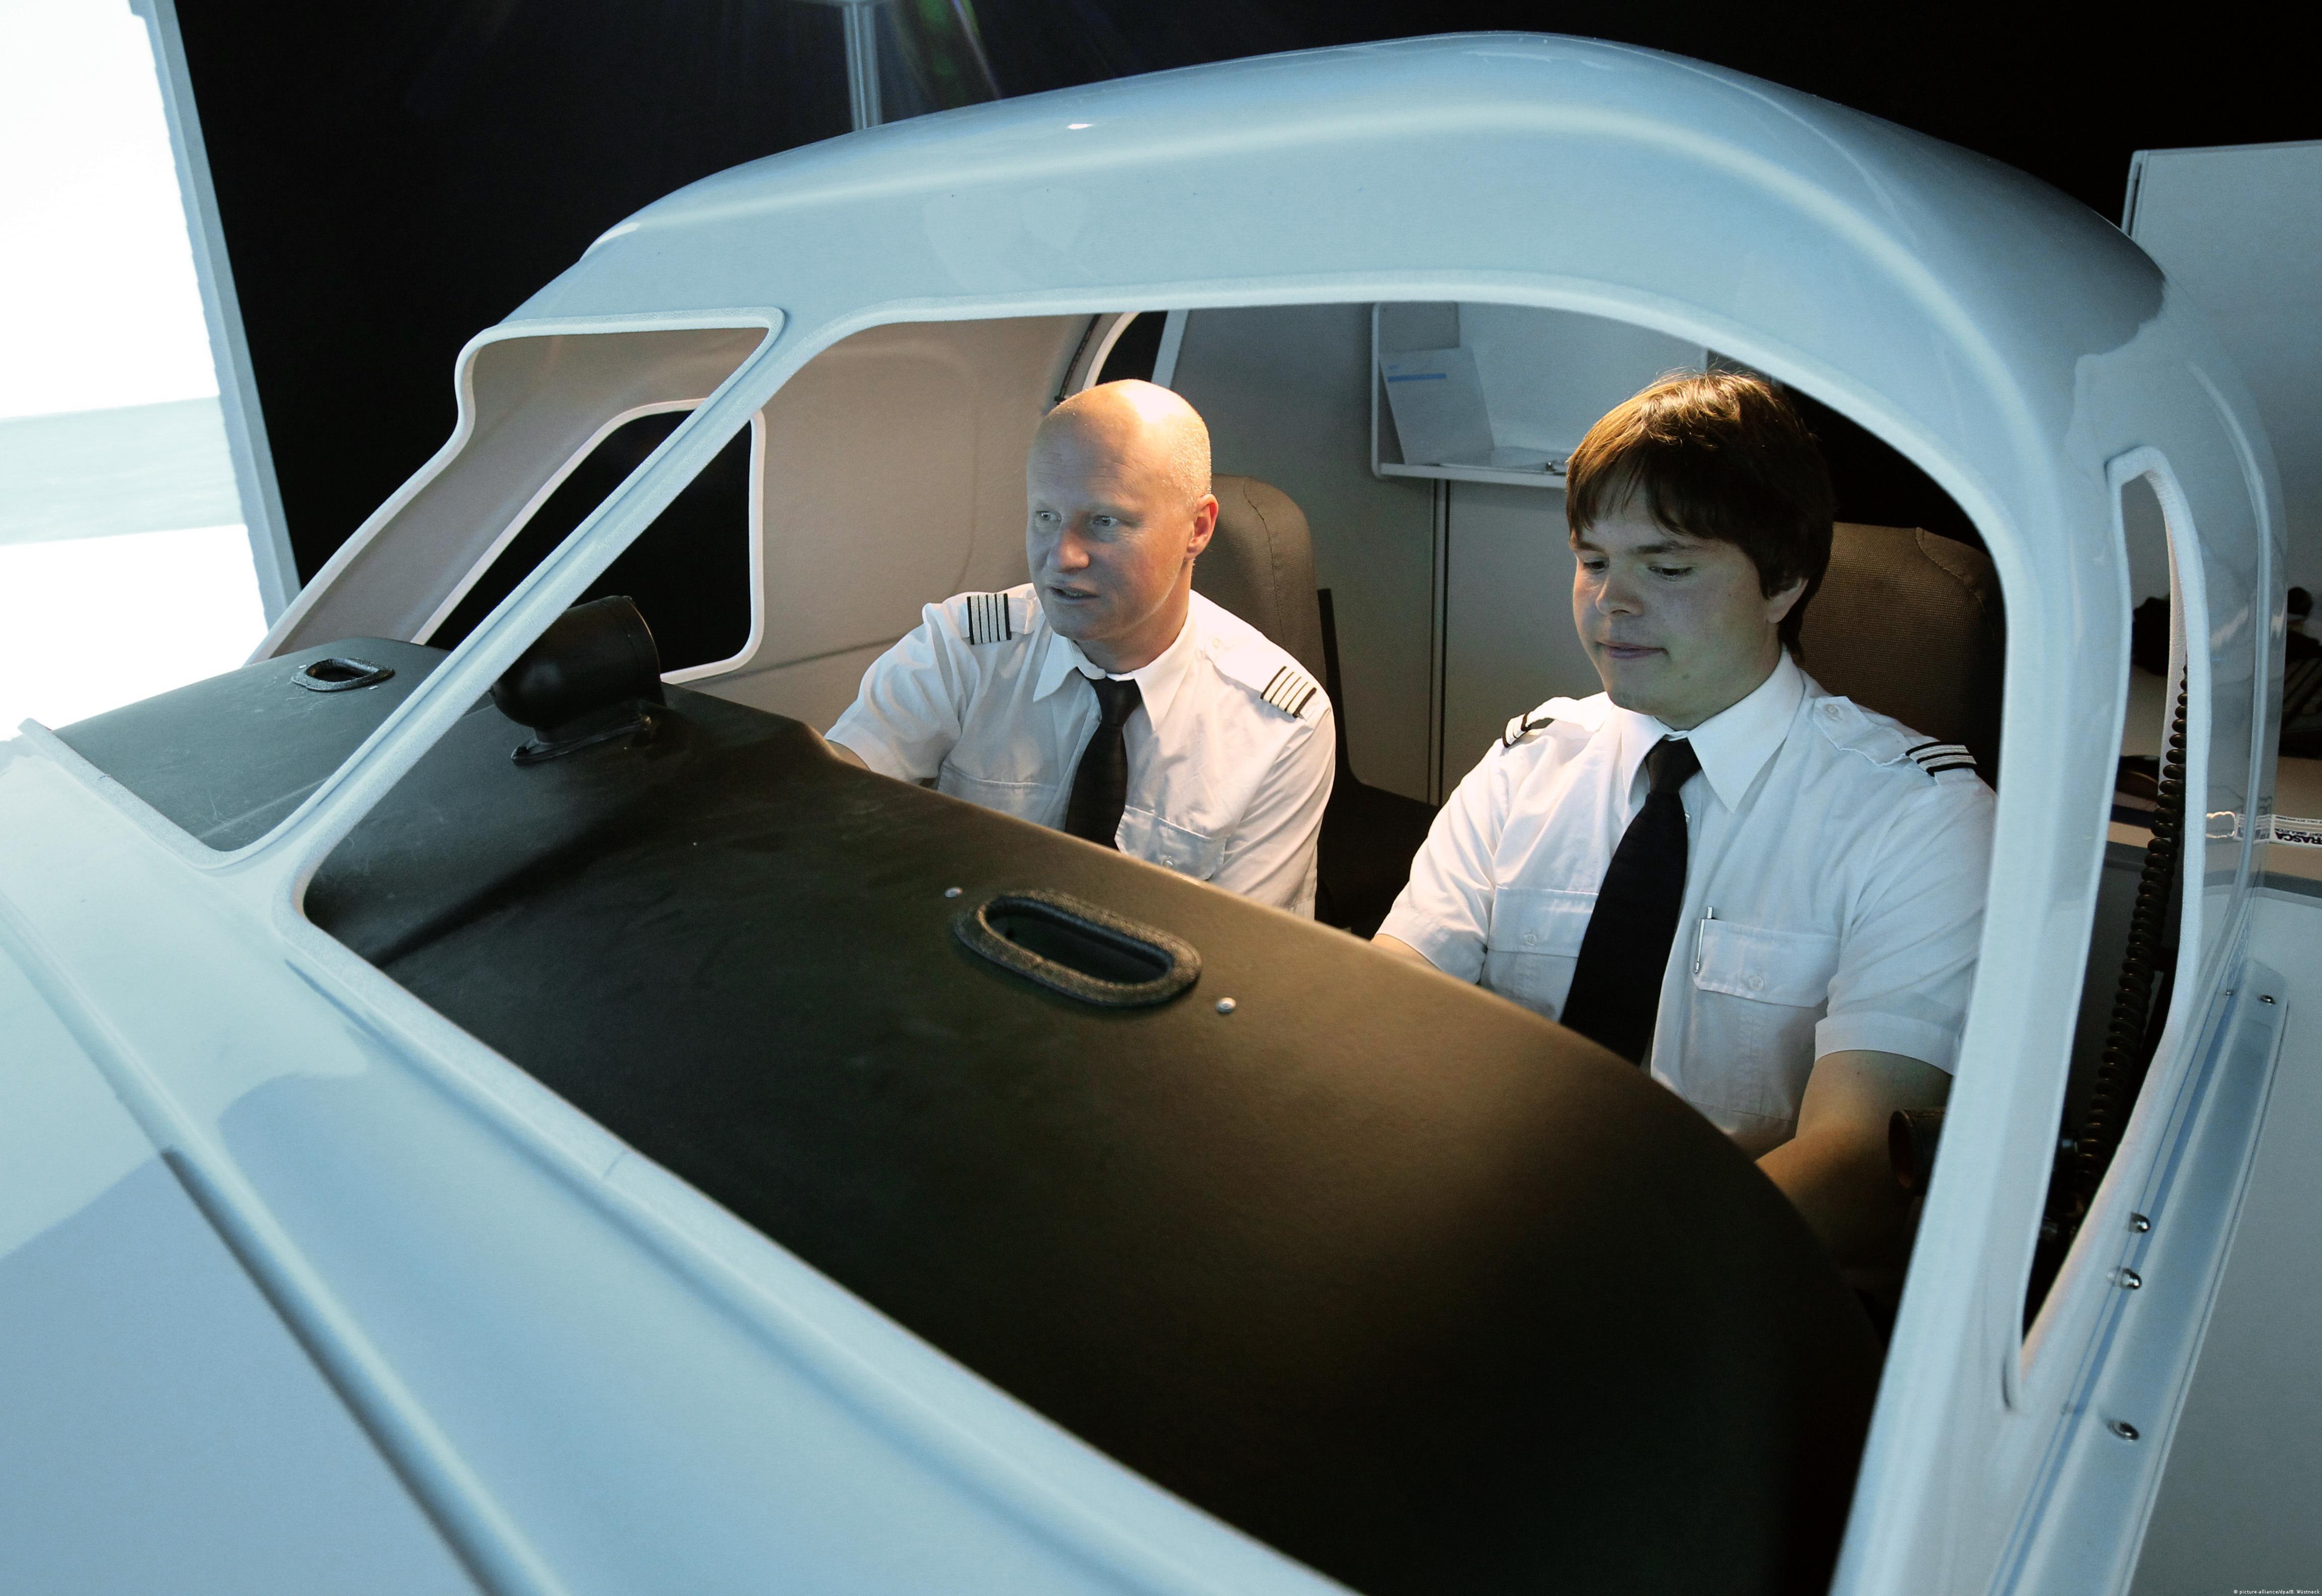 Aπό εκπαίδευση πιλότου στο Lufthansa Flight Training Center